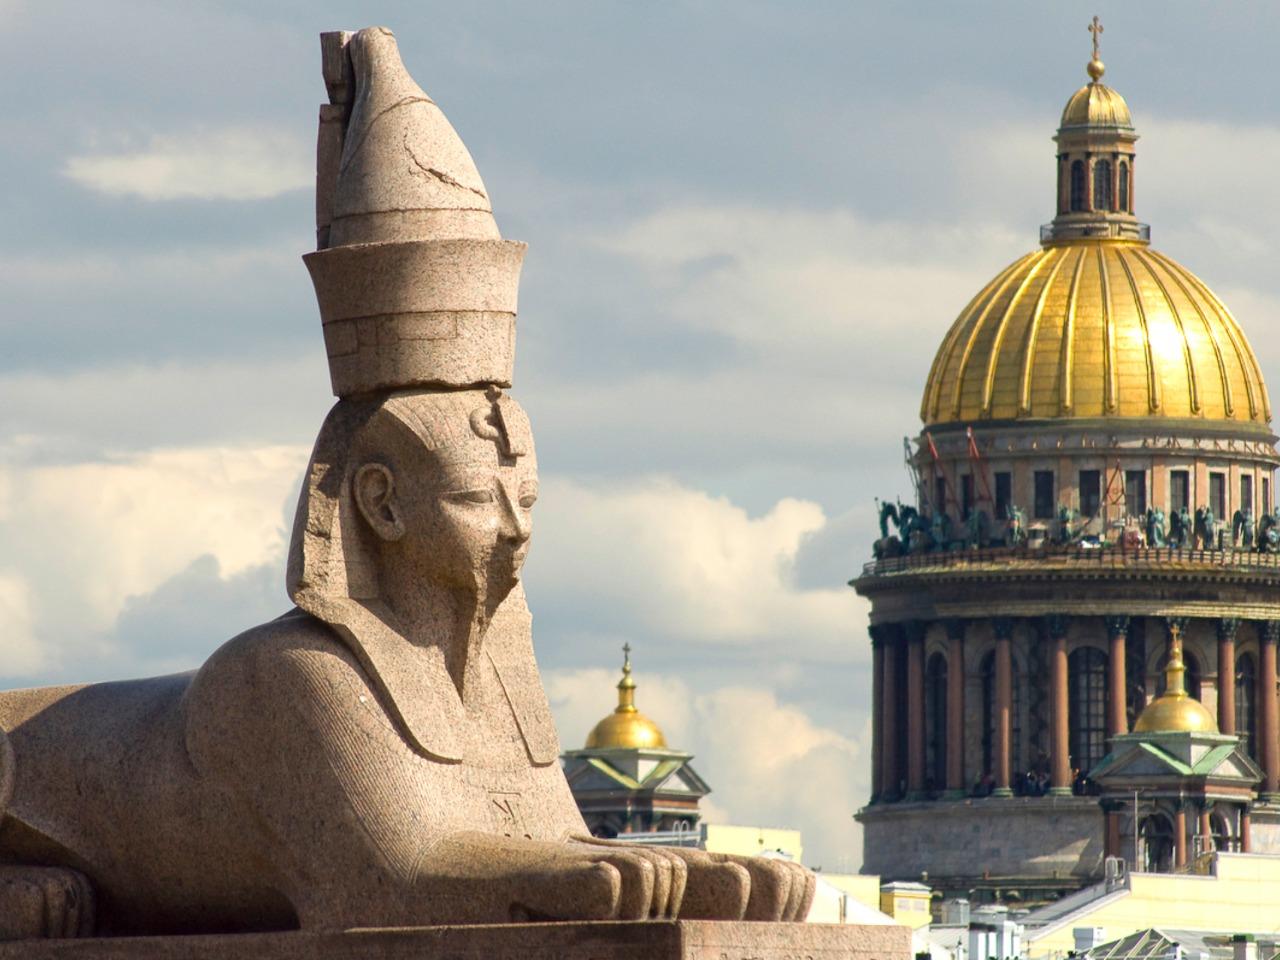 Мифы и легенды Петербурга - групповая экскурсия по Санкт-Петербургу от опытного гида